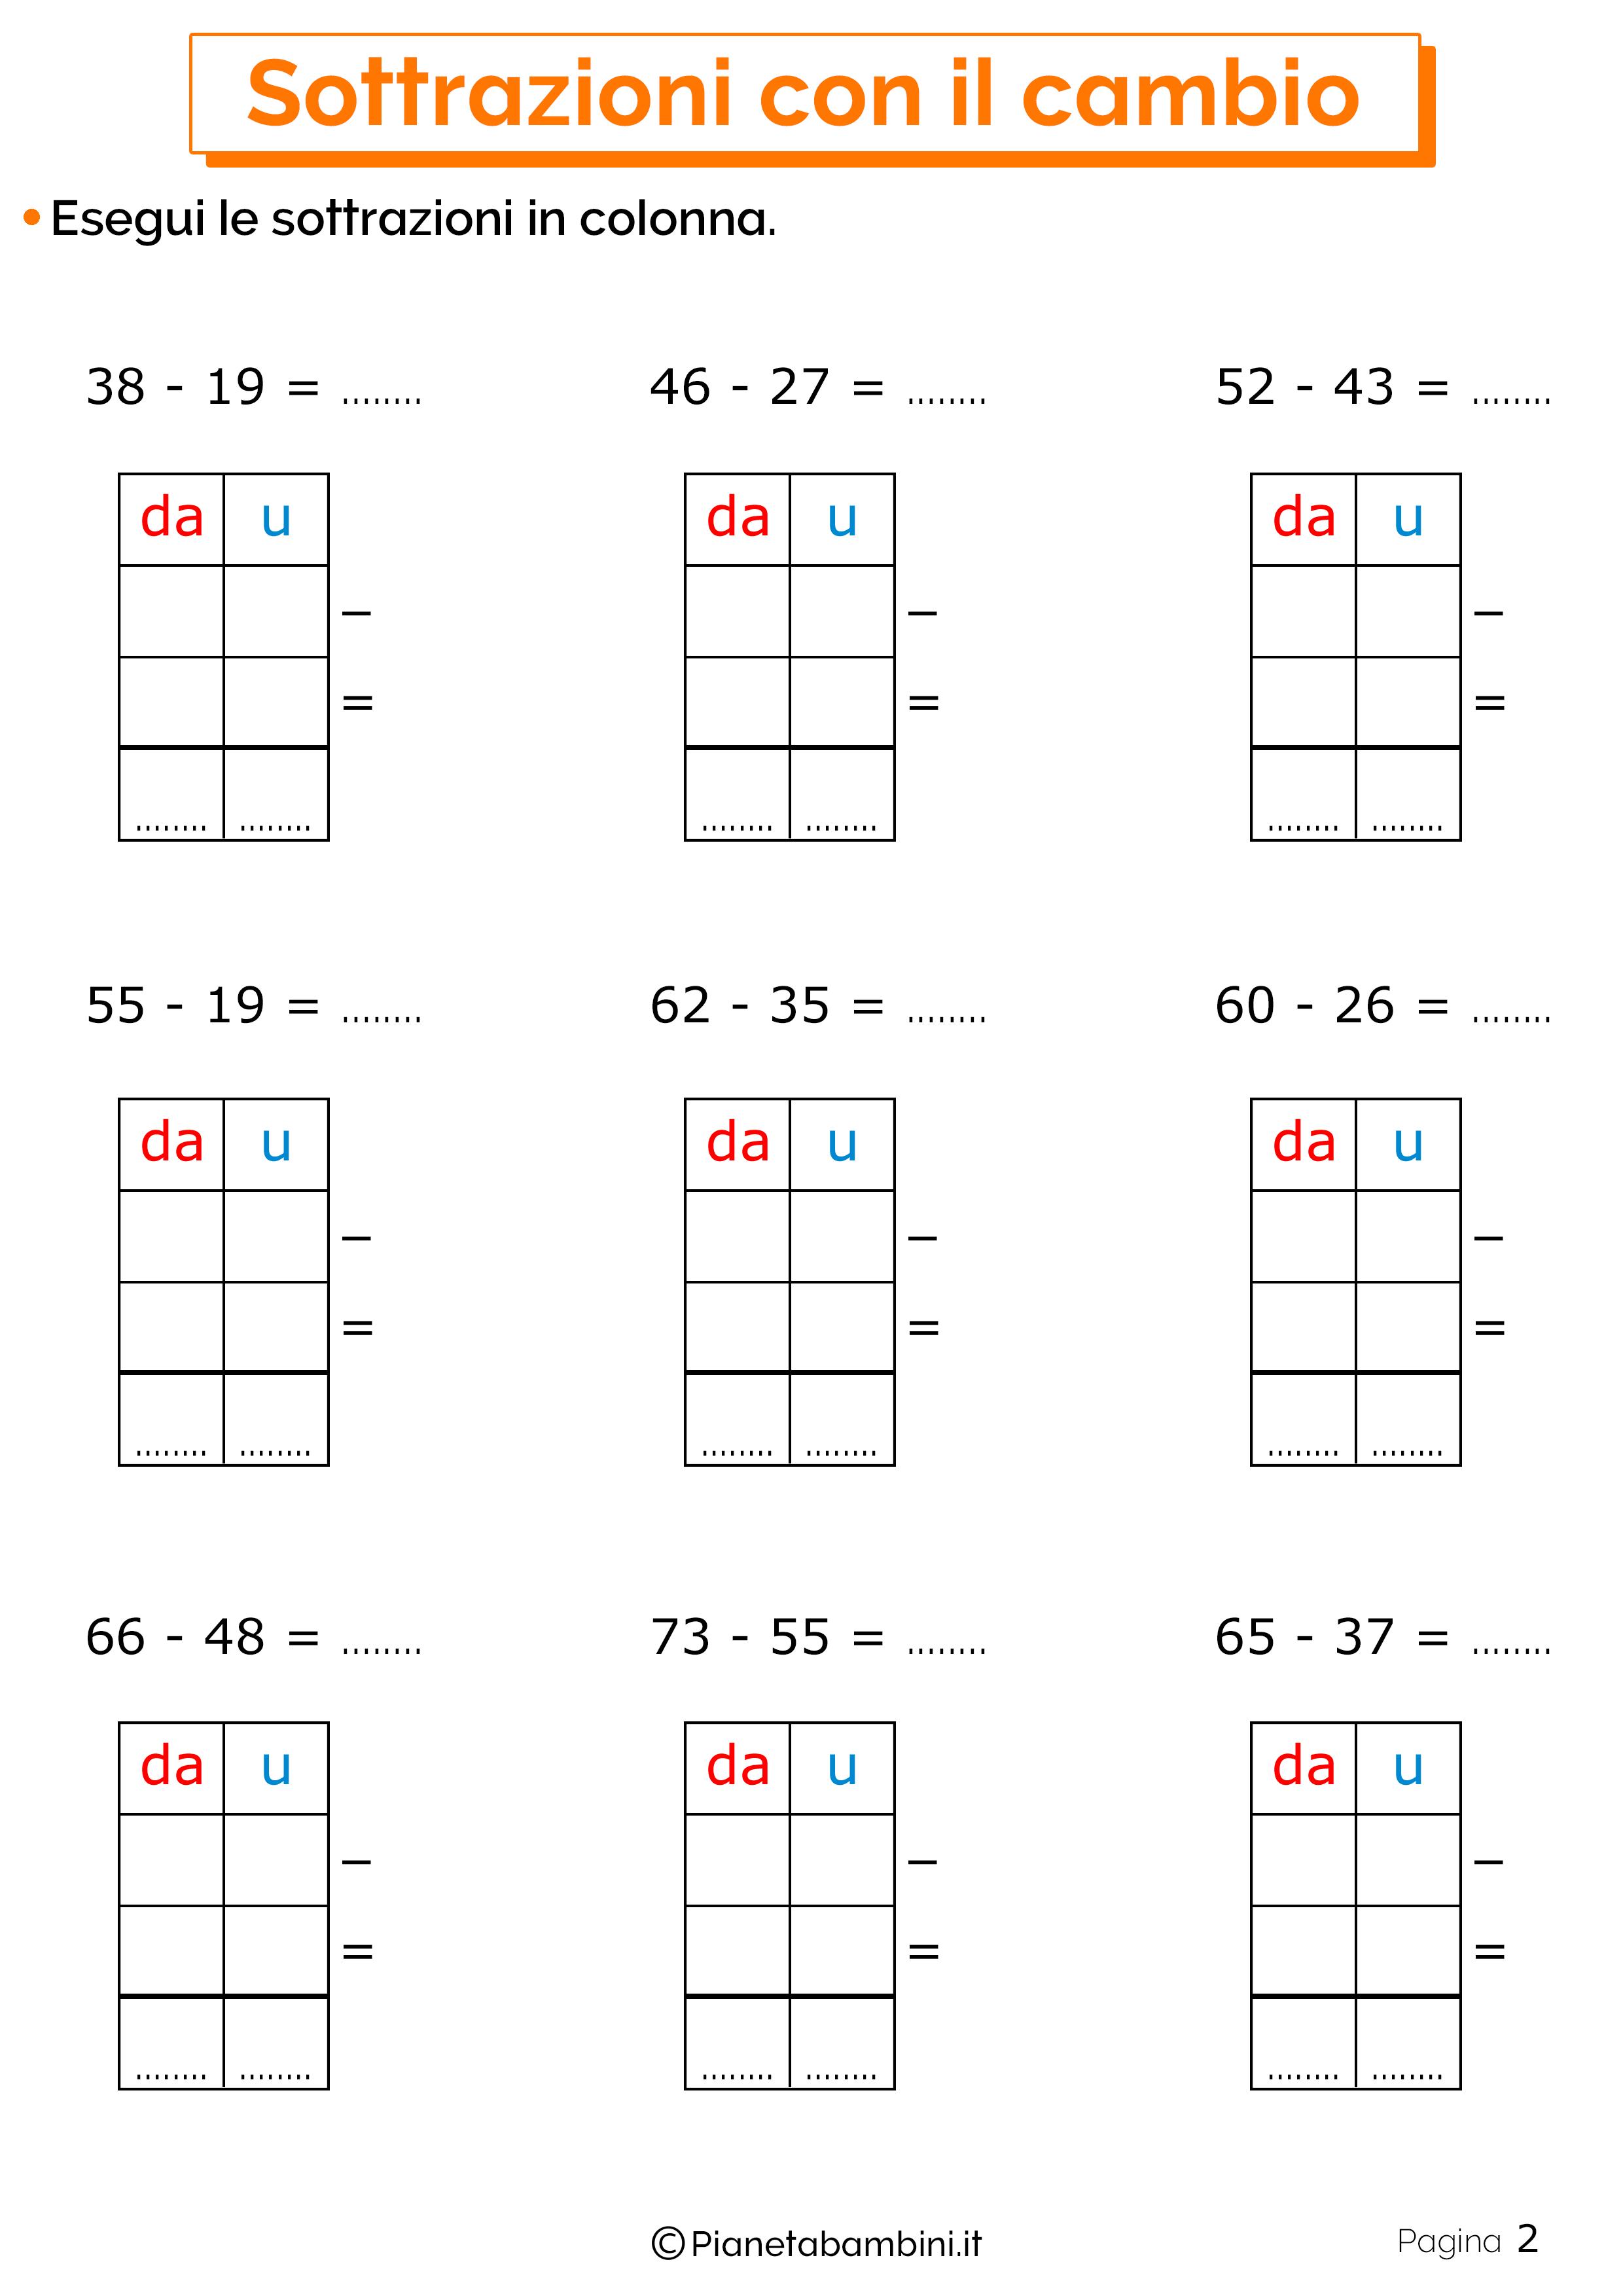 Schede didattiche sulle sottrazioni con cambio 2